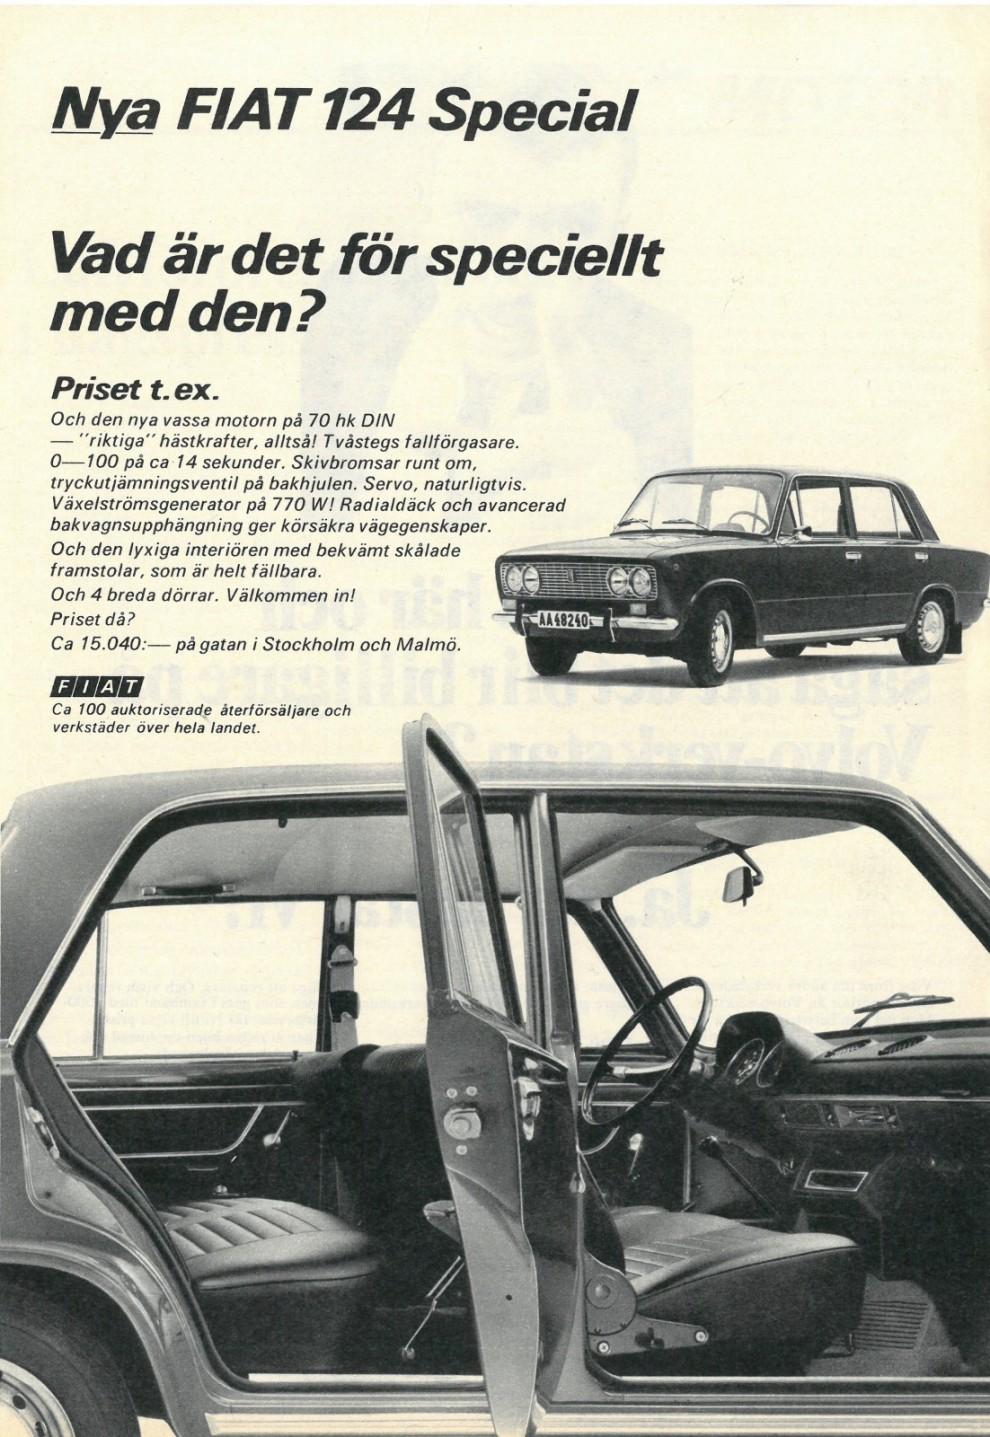 Underdog-läget är sällan utnyttjat i dagens bilreklam. Fiat 1969.